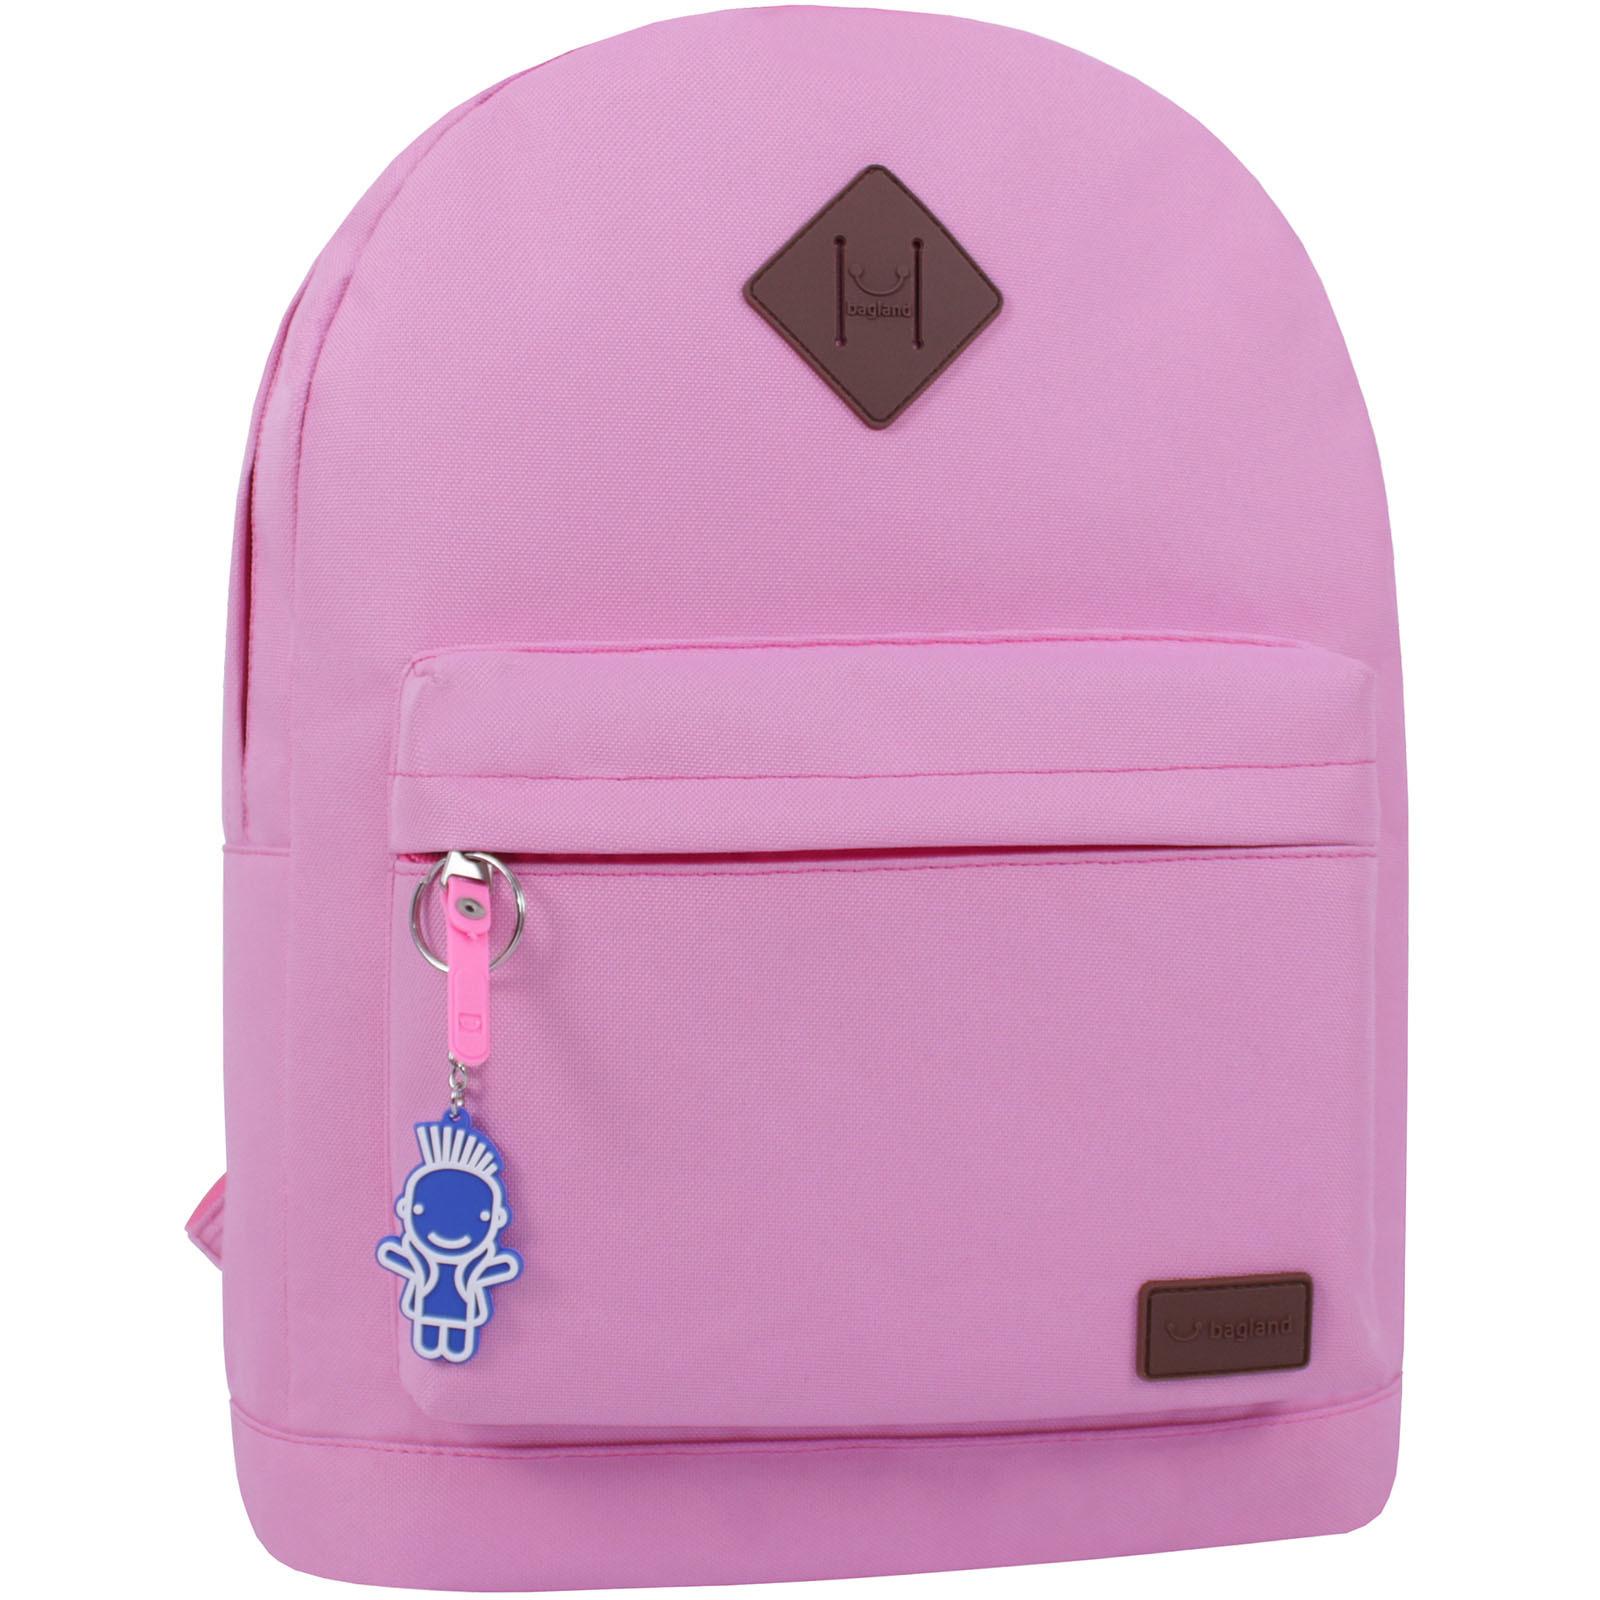 Городские рюкзаки Рюкзак Bagland Молодежный W/R 17 л. розовый (00533662) IMG_0826.JPG